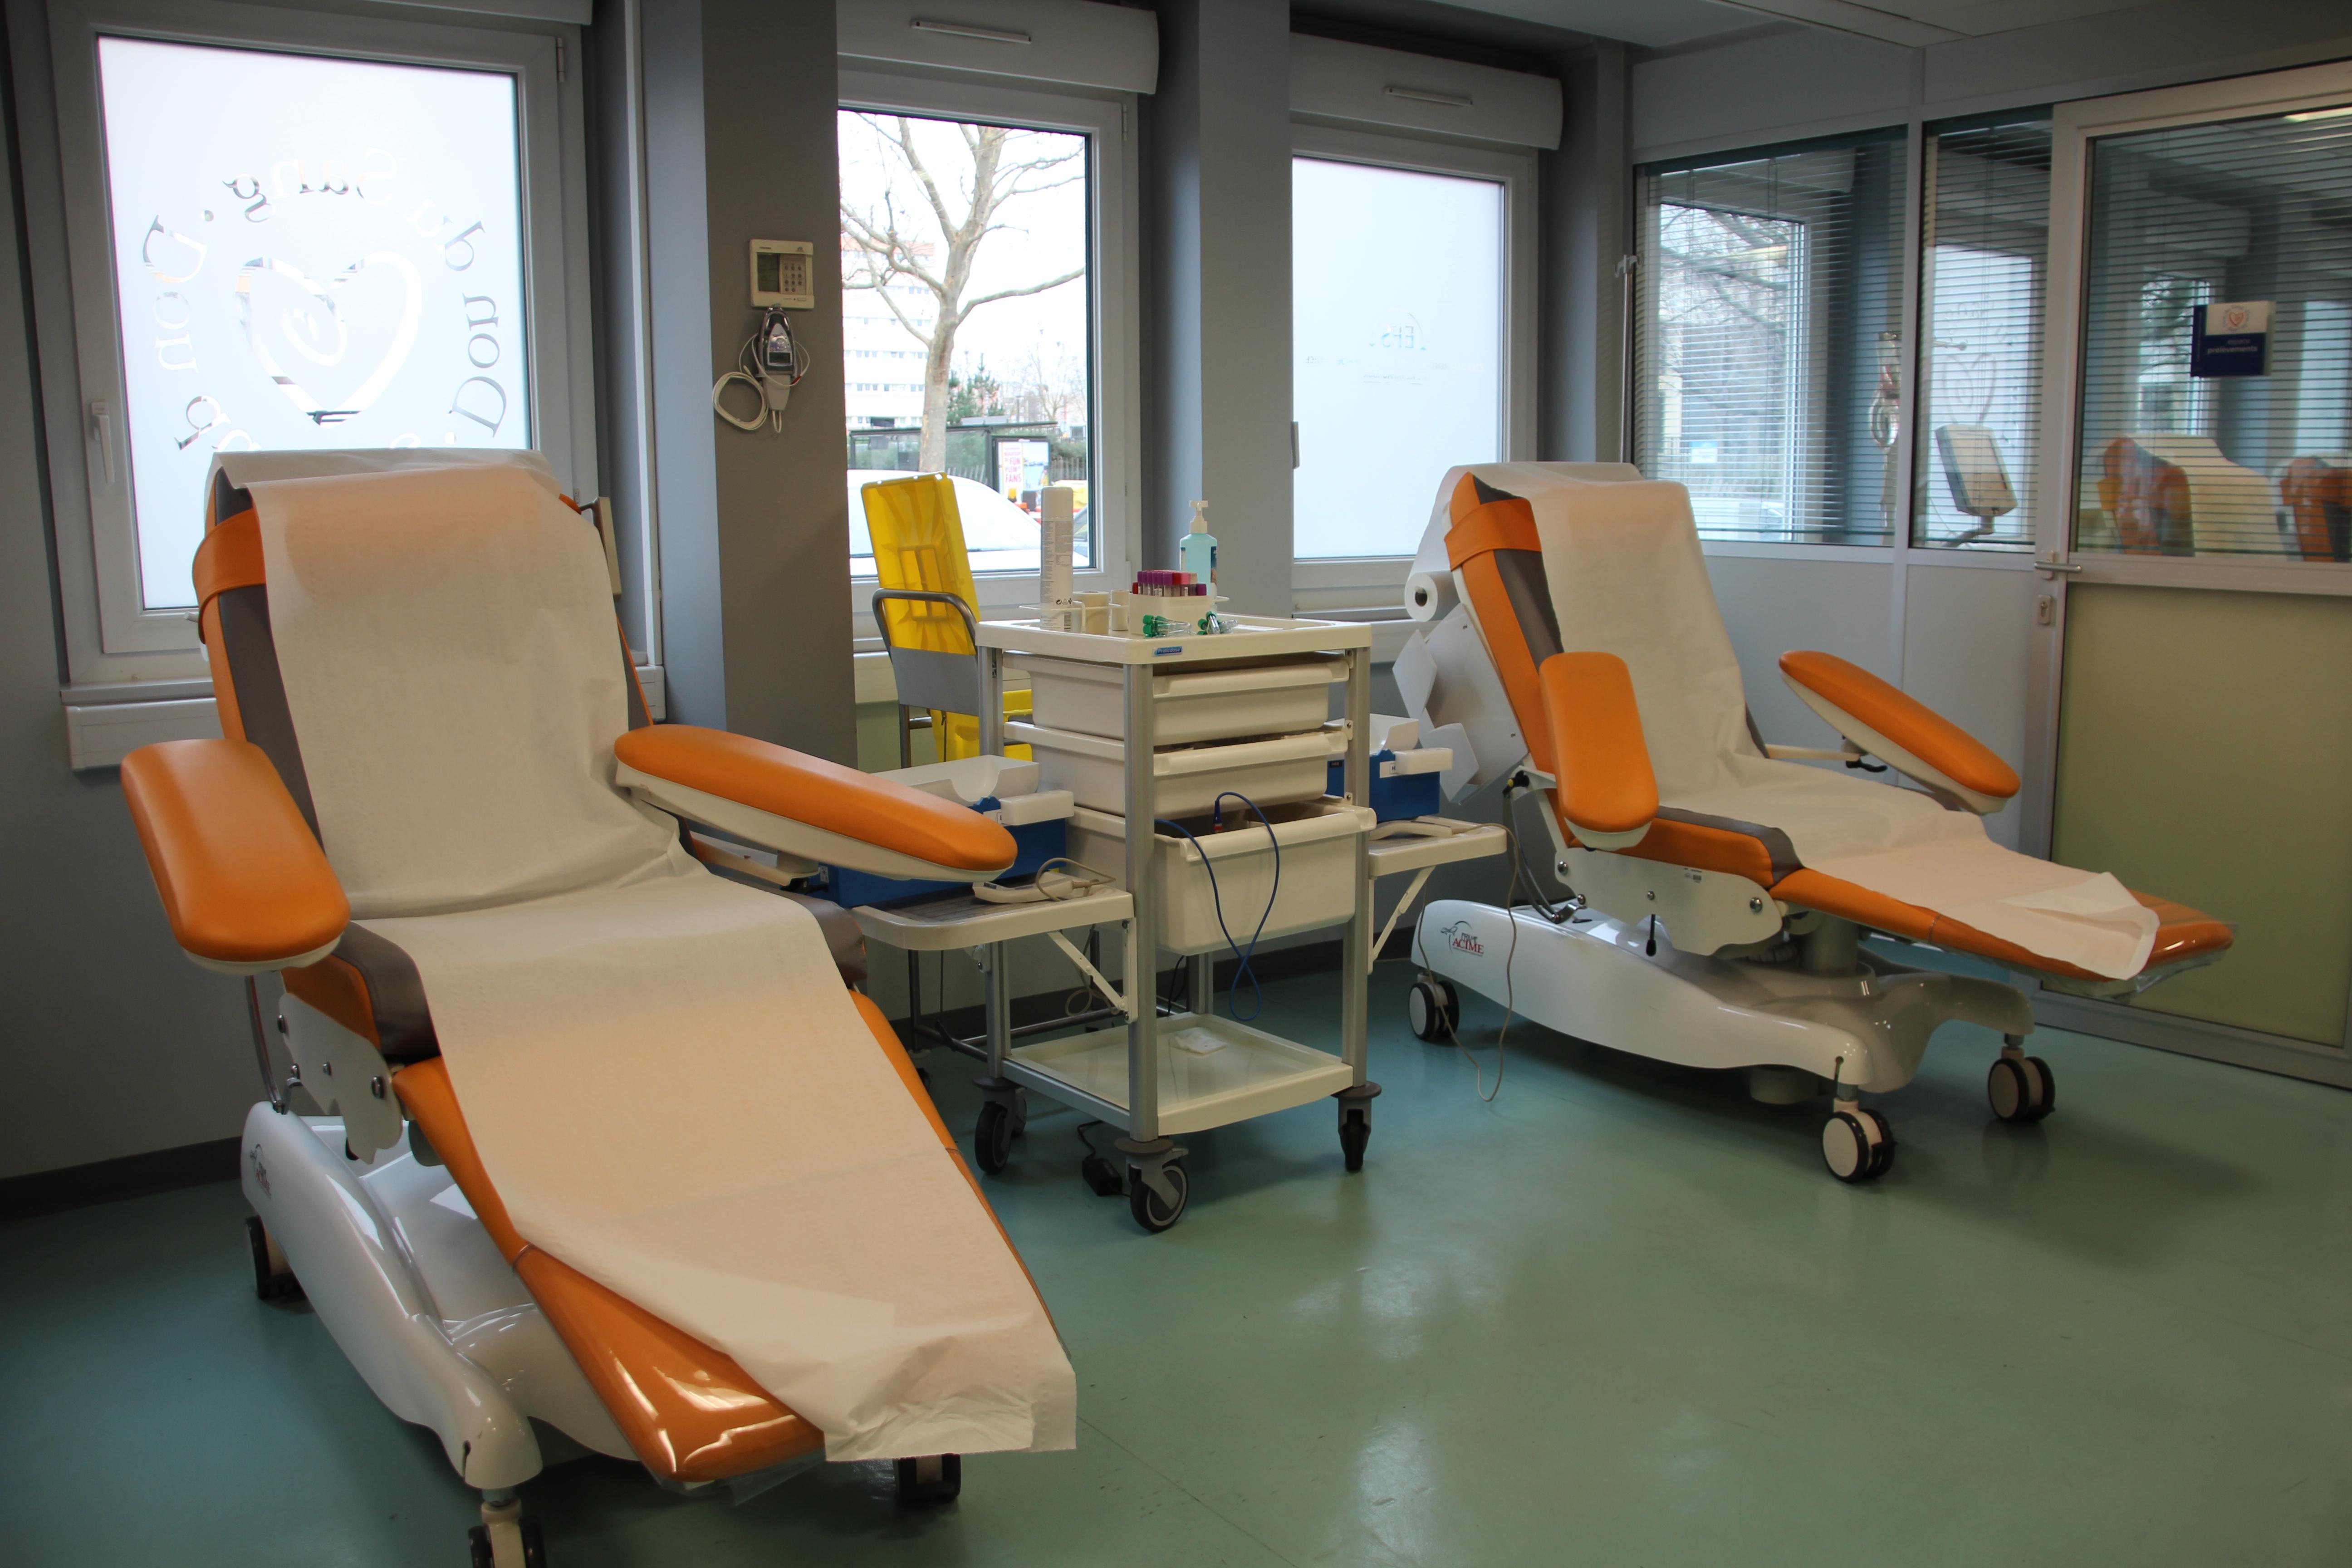 collecte de sang les villes du val de marne ont du coeur 94 citoyens. Black Bedroom Furniture Sets. Home Design Ideas